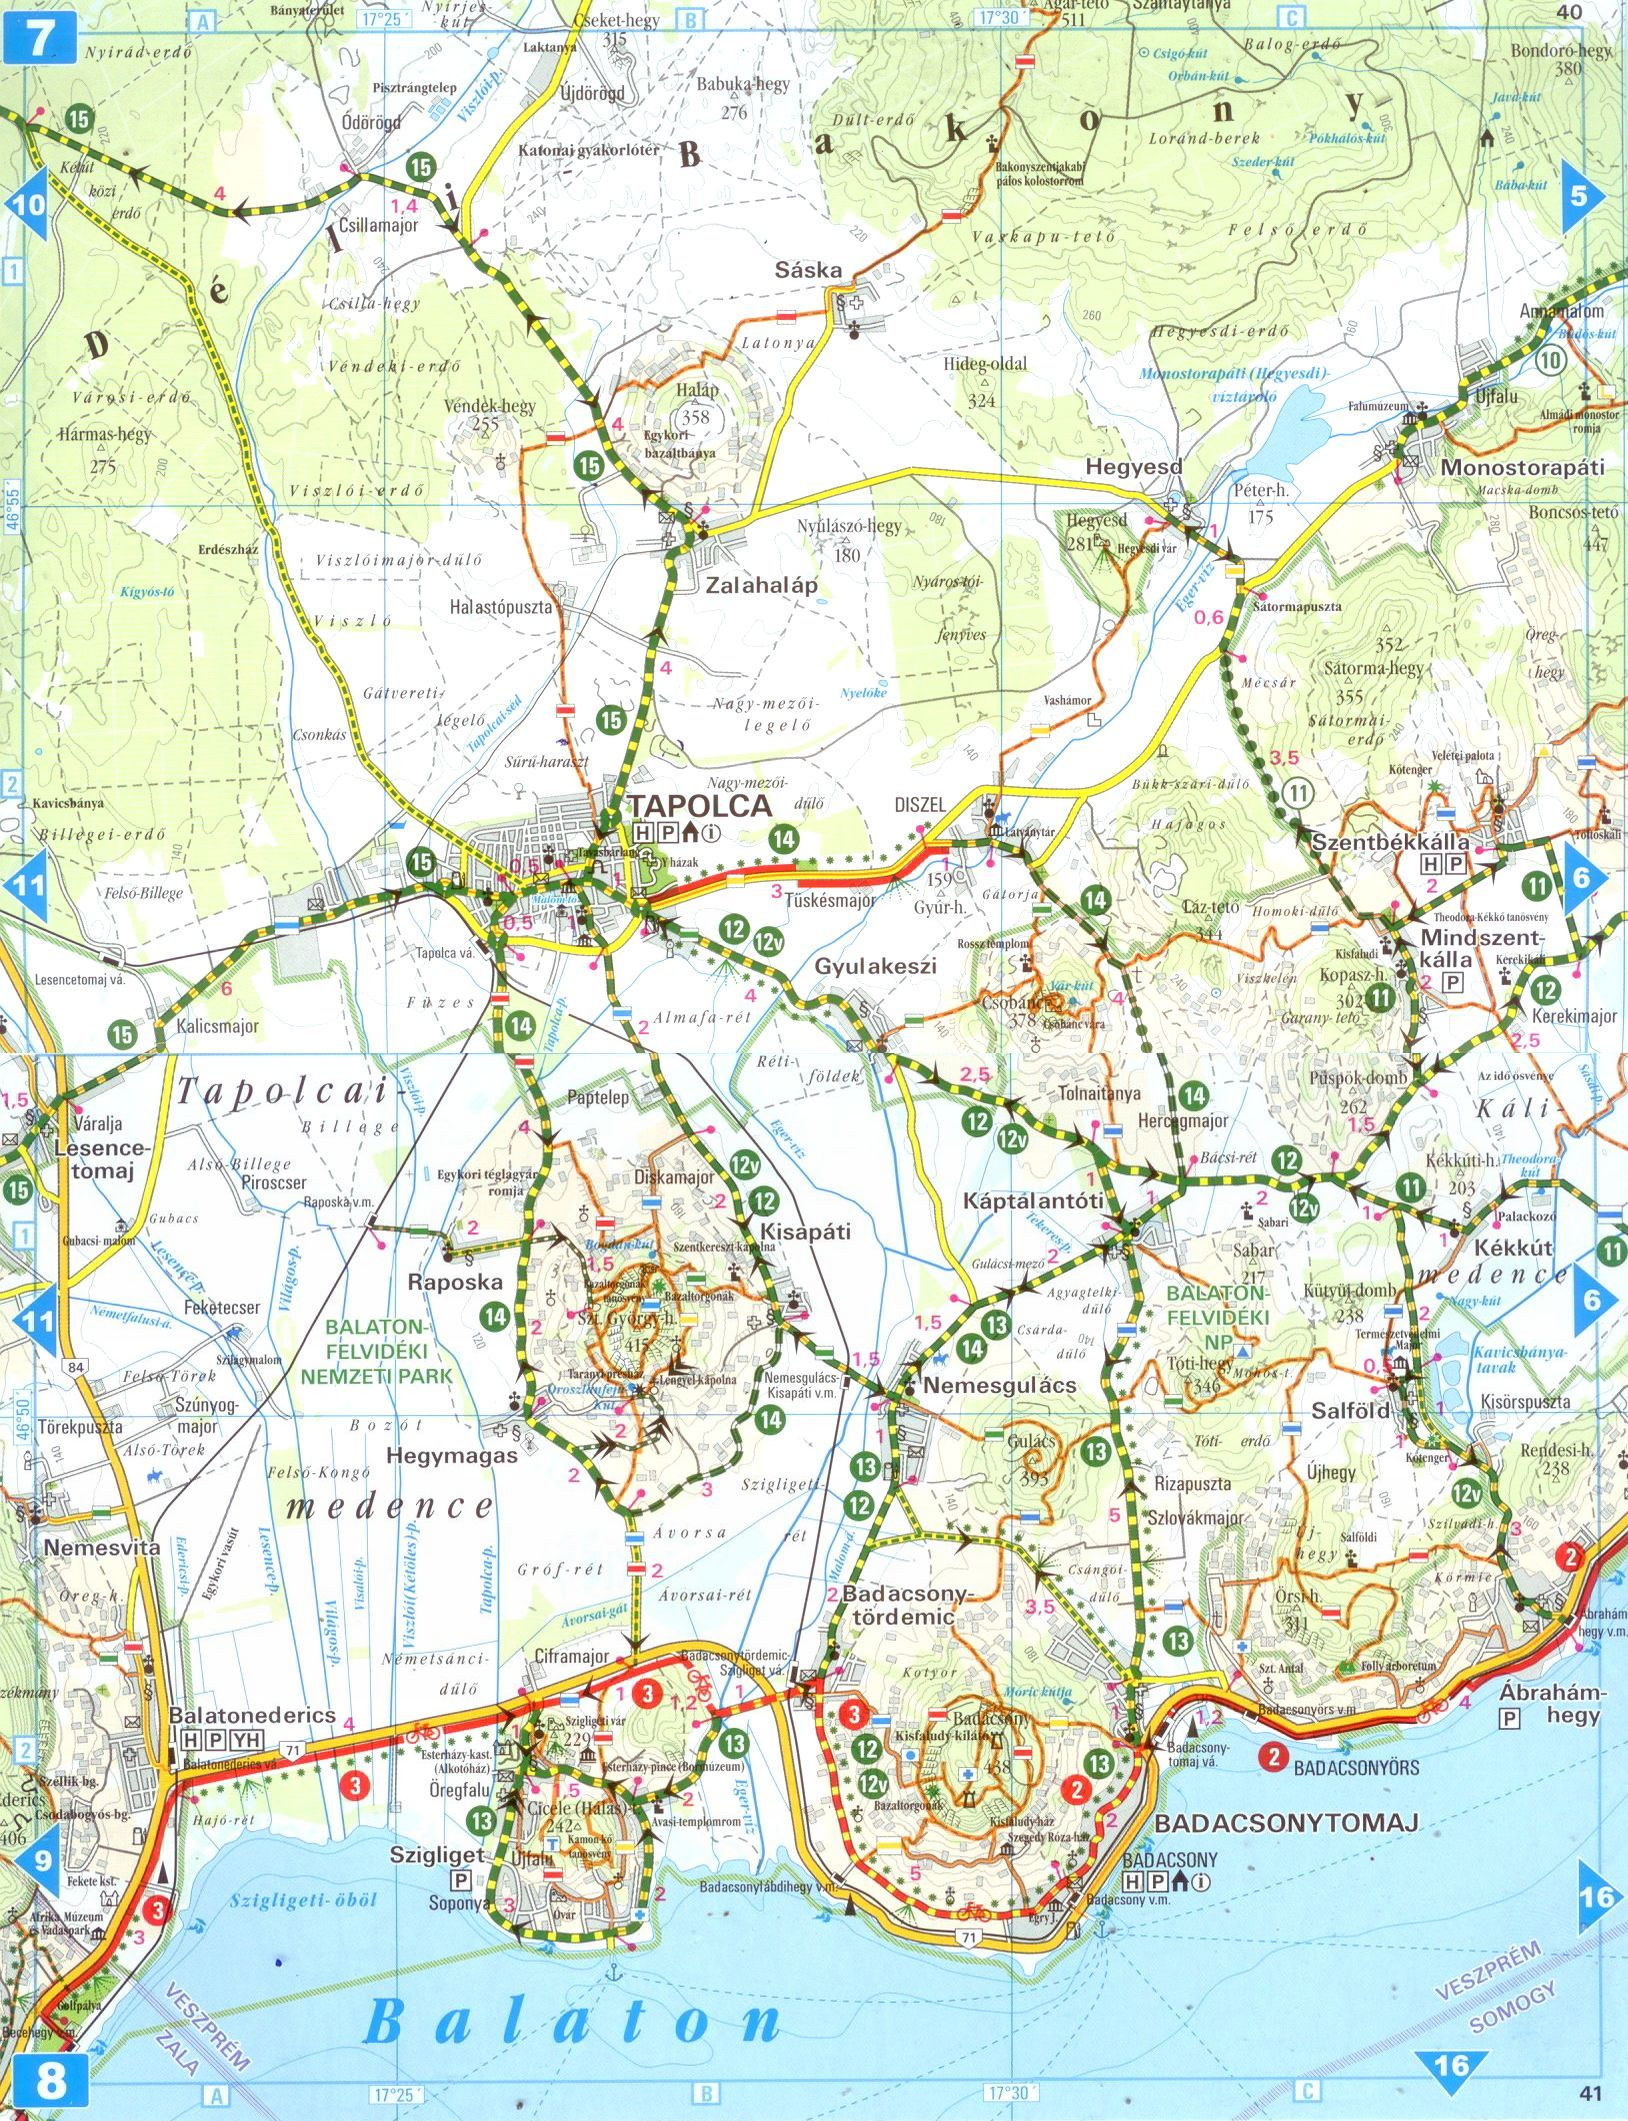 Balaton biking atlas sample map 1:80.000